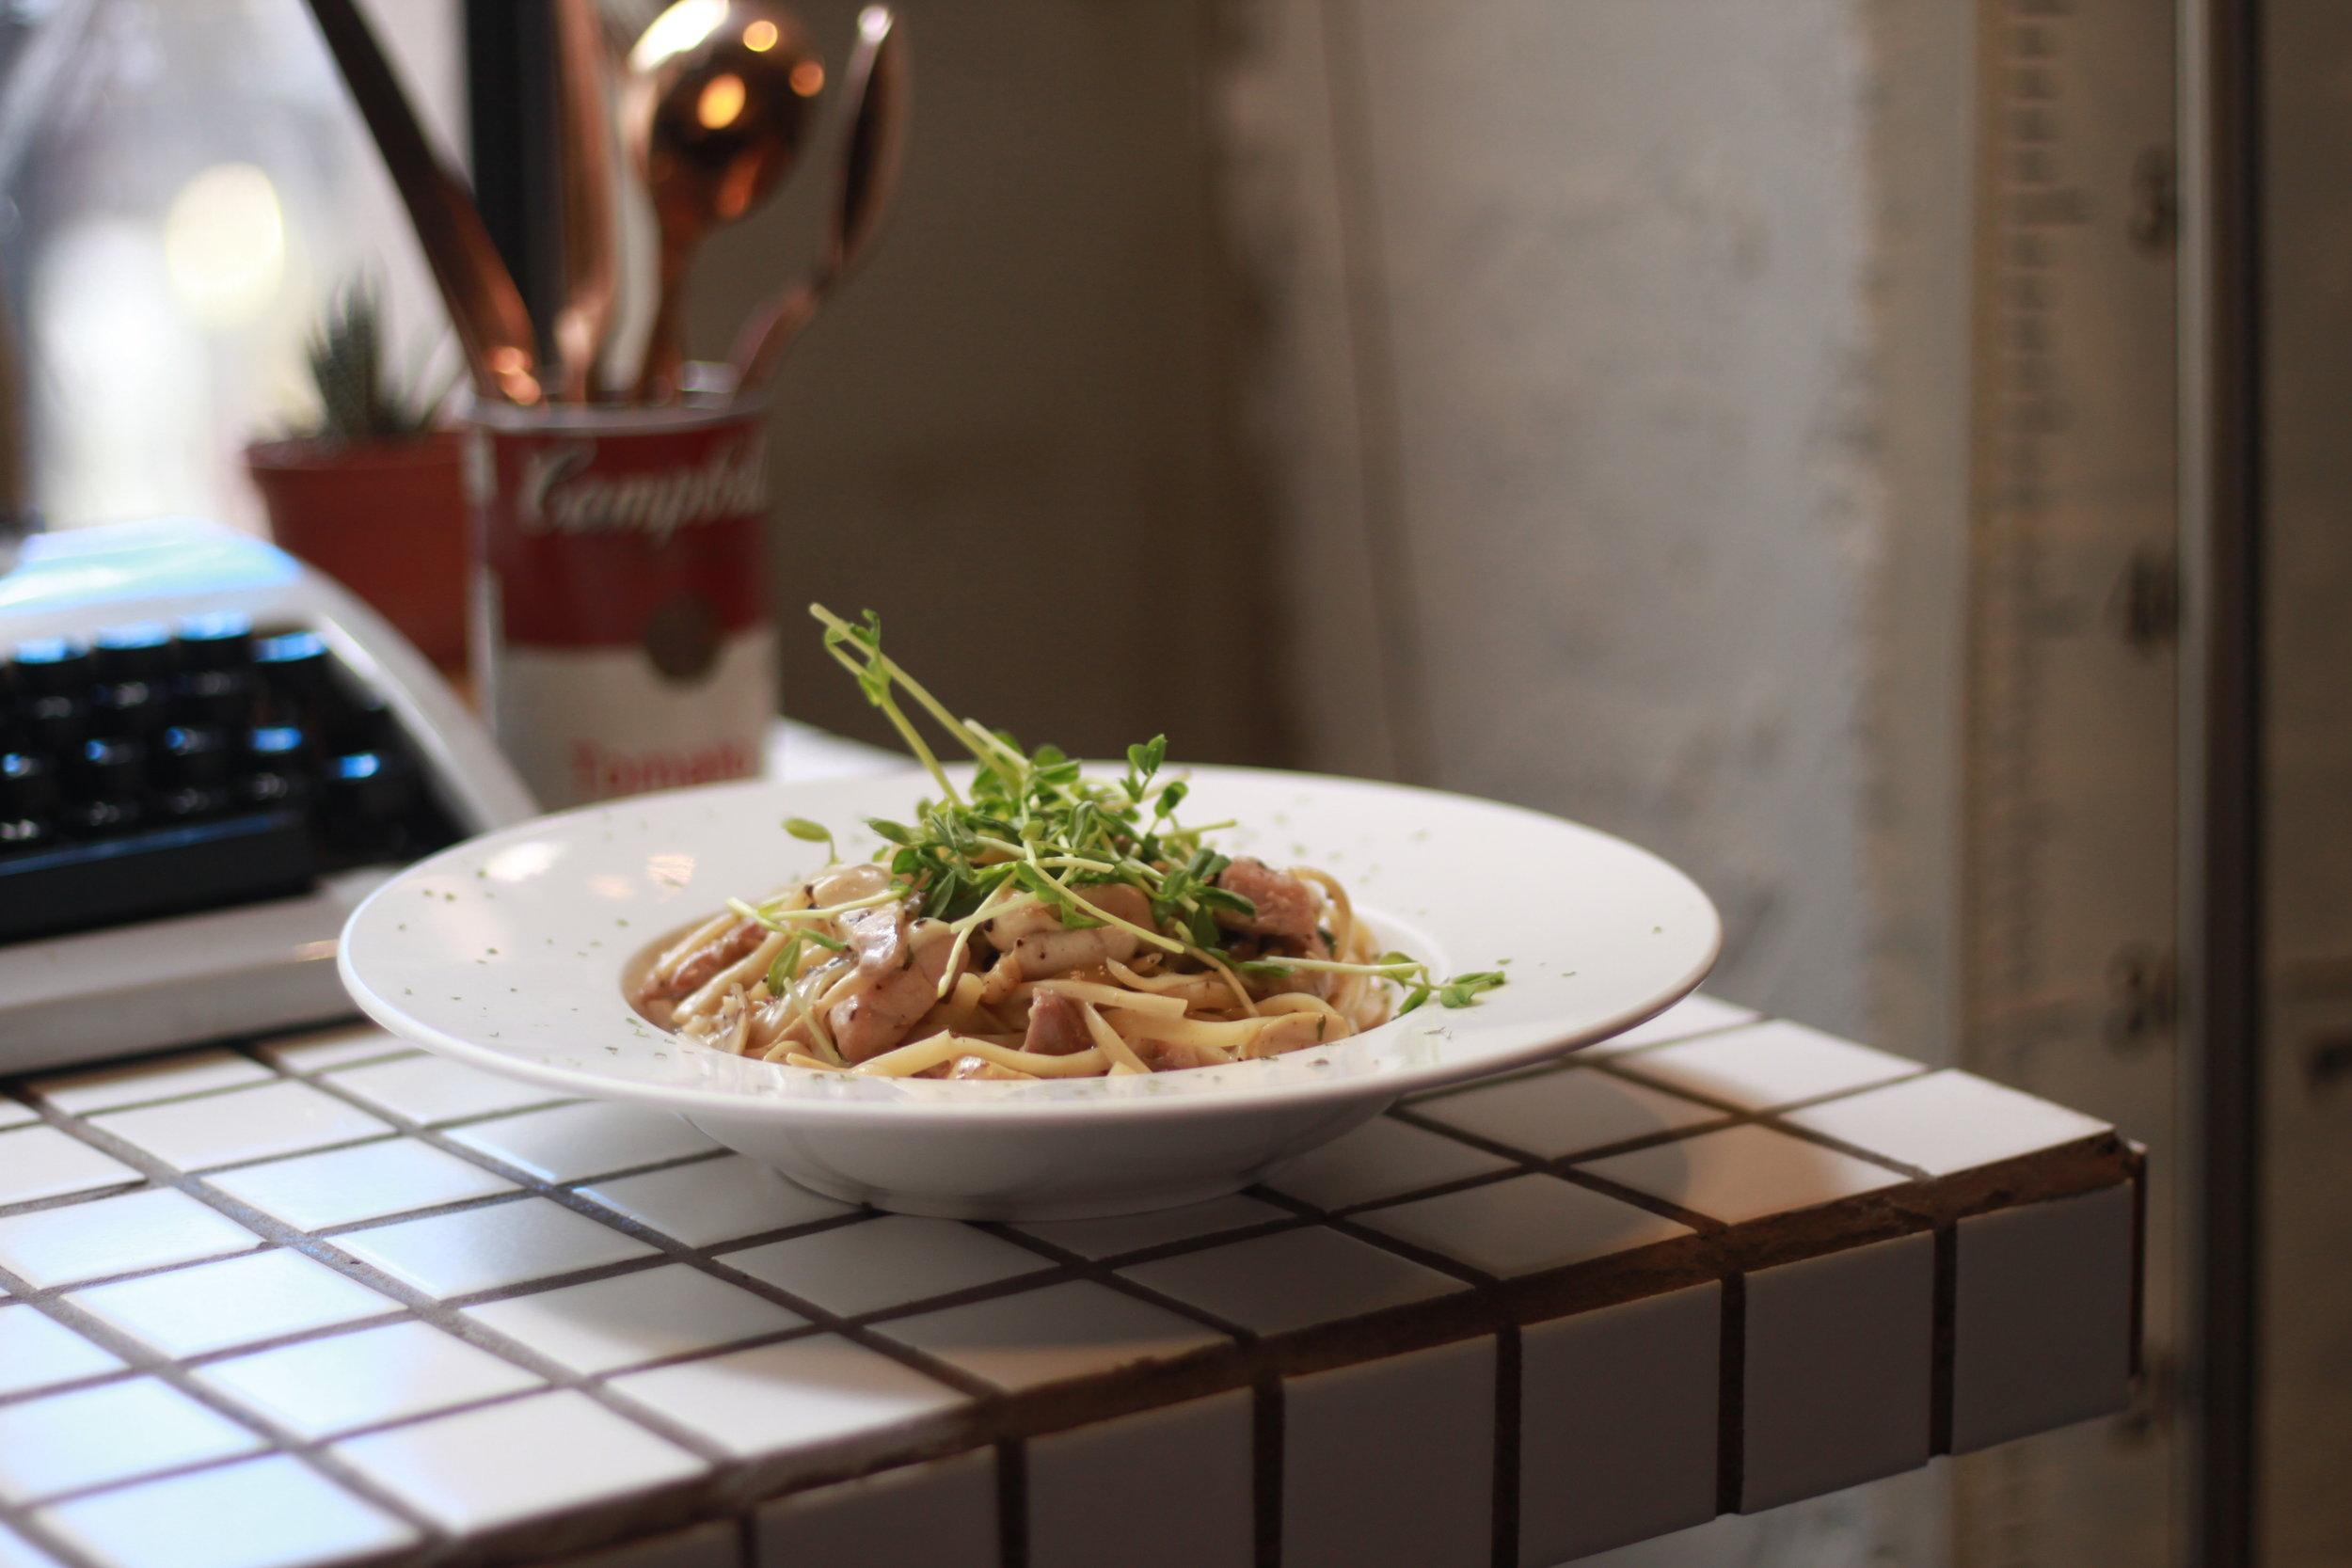 Chicken Spaghetti in Percine and Truffle Cream Sauce